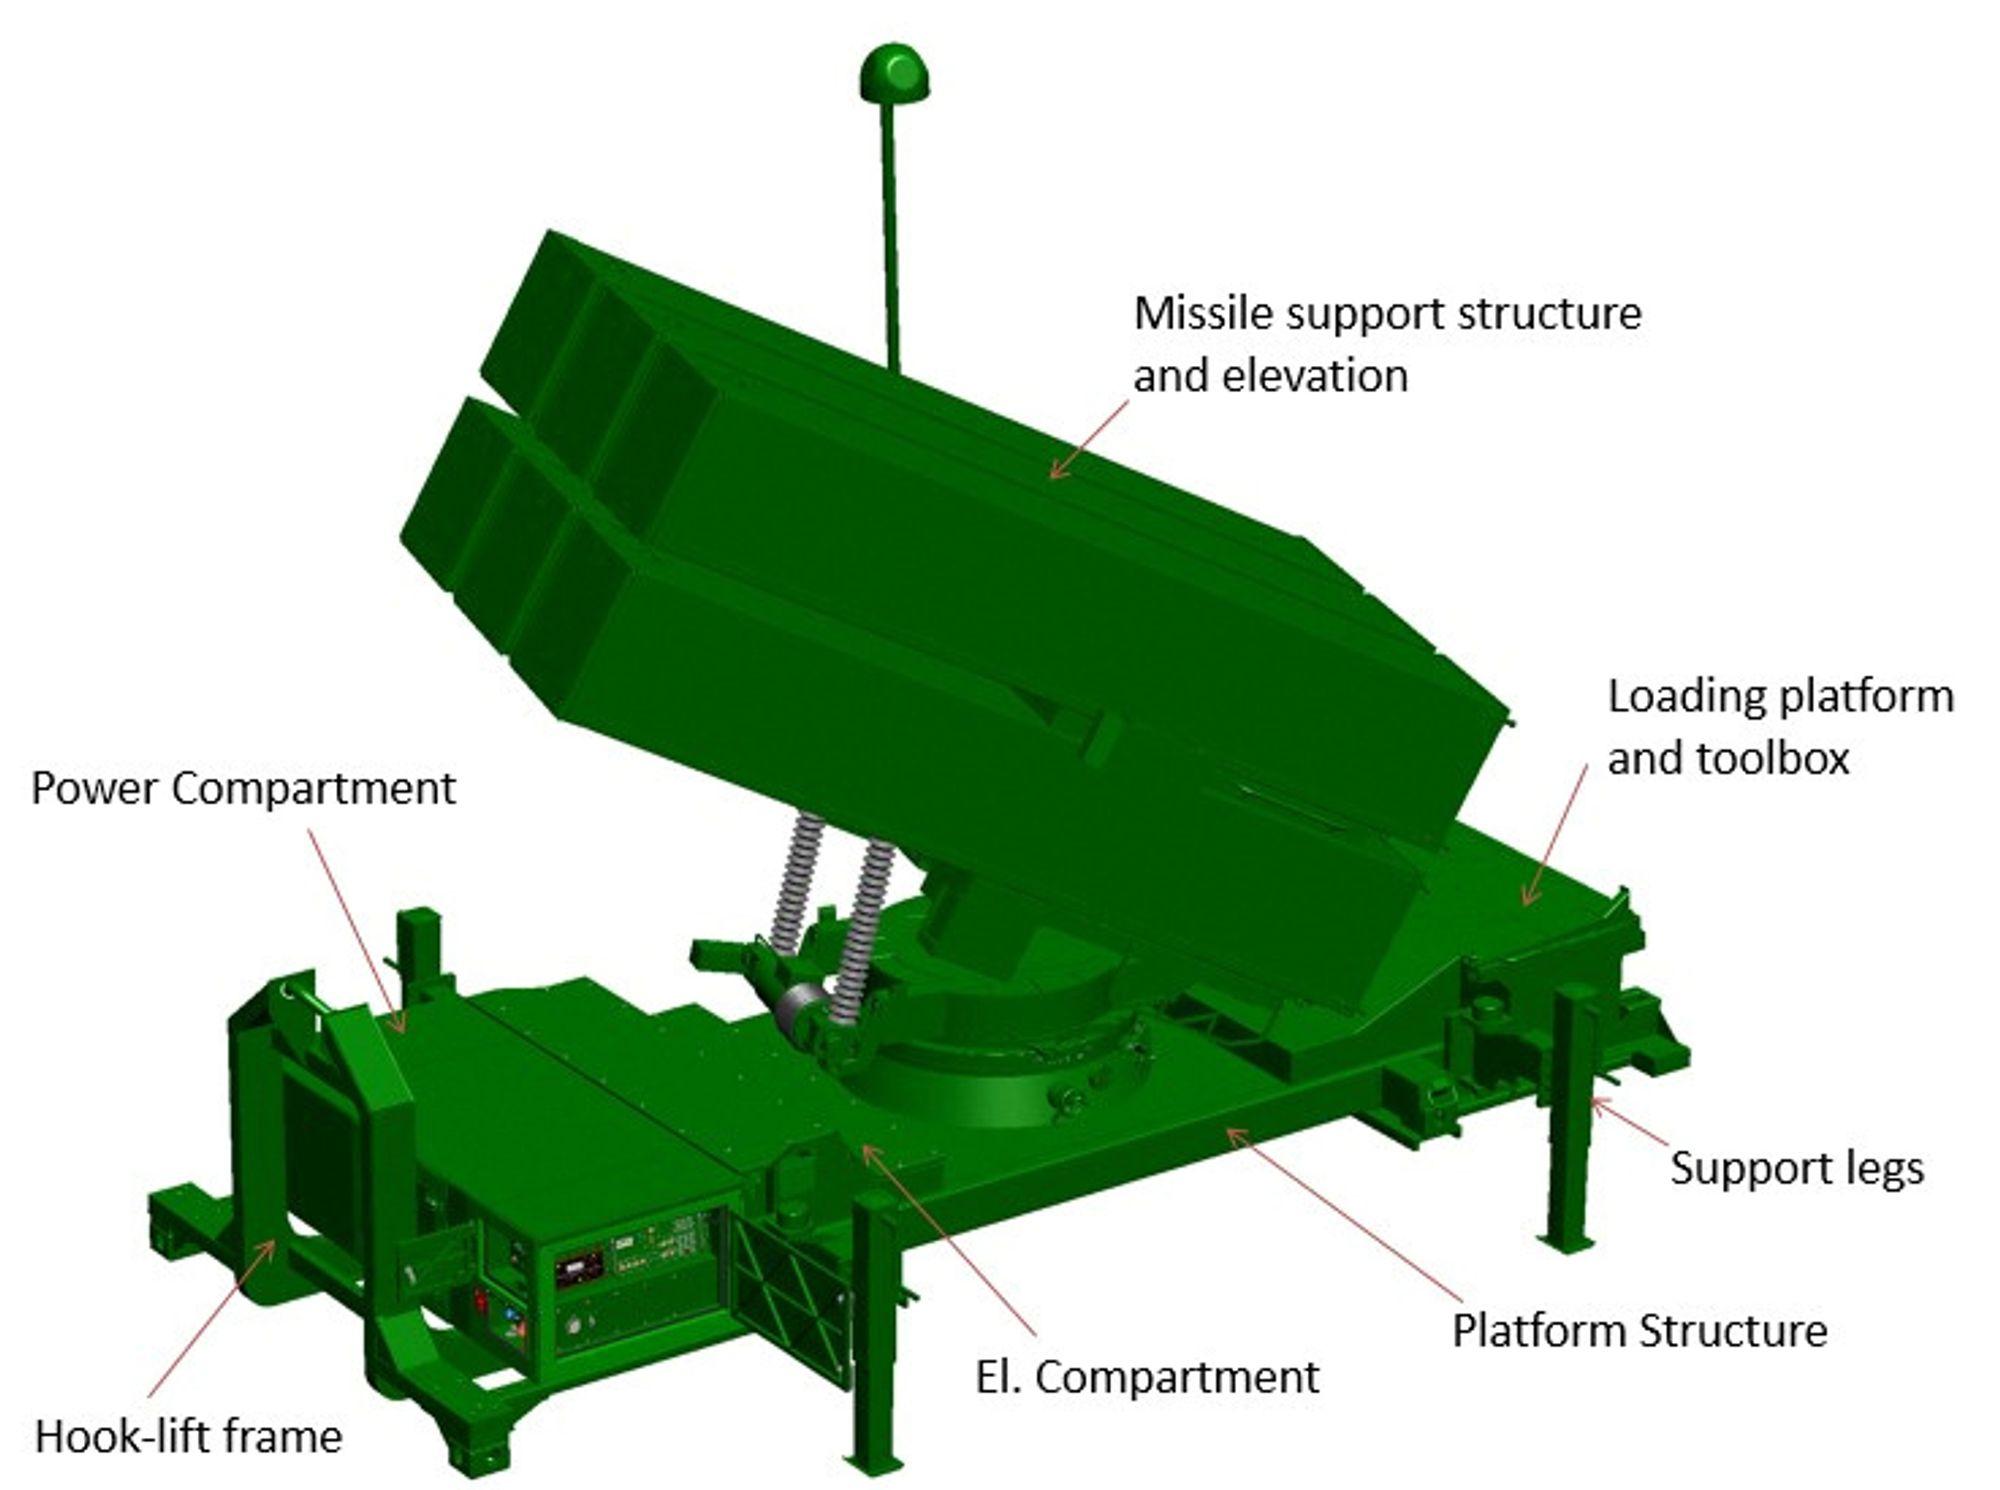 IKM Haaland leverer delen på avfyringsrampen merket «tool box». Det er en bevegelig, mekanisk innretning, som blant annet må tåle påkjenningen av missiler som avfyres.